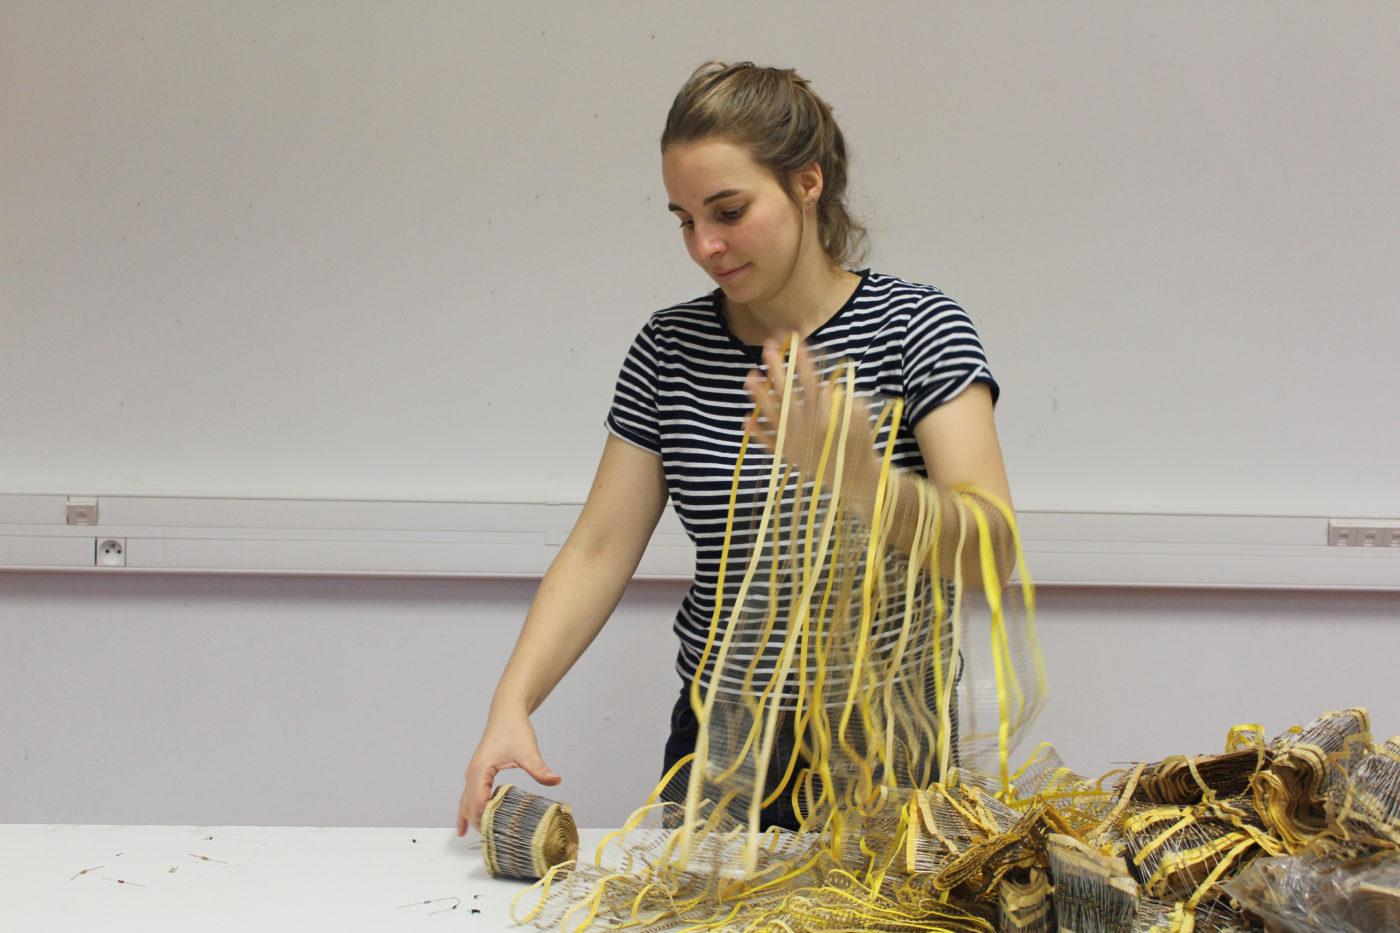 Julie Maquet — Pôle Arts Visuels Pays de la Loire